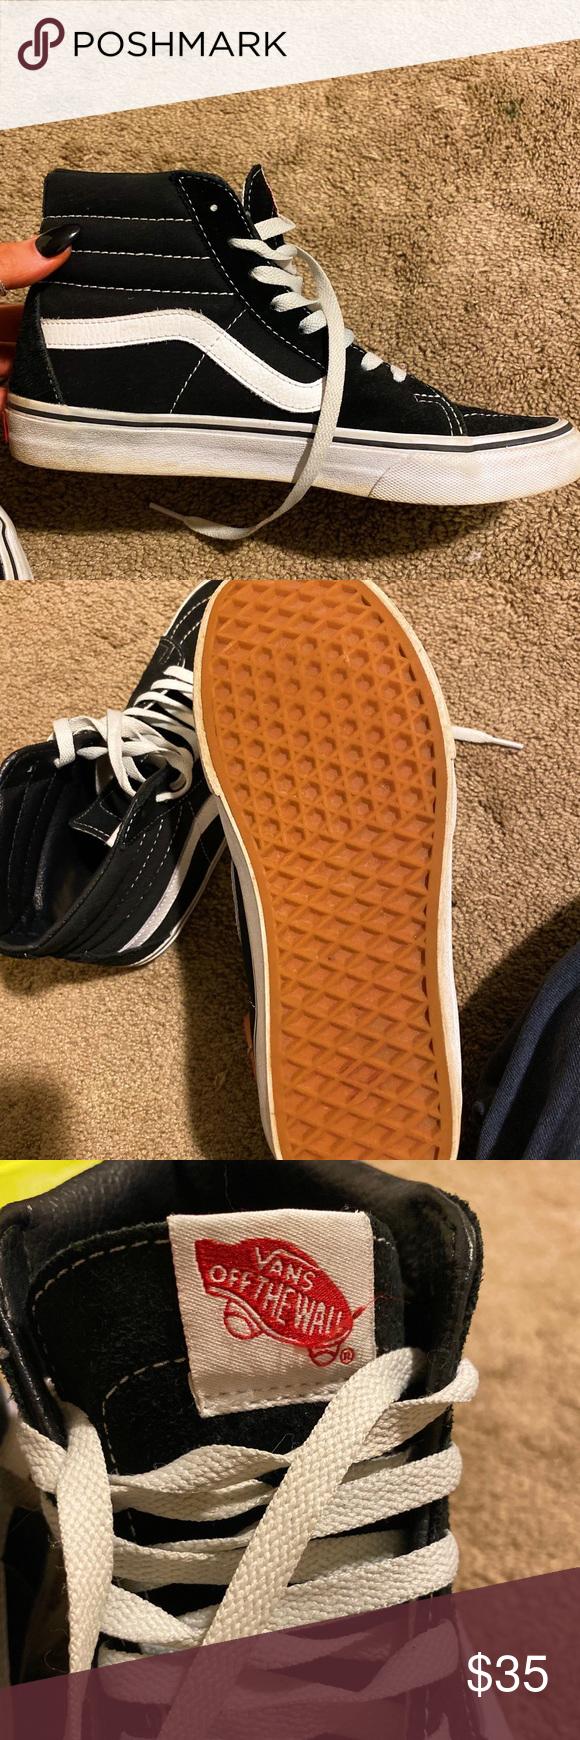 Skate high Vans in Black:) worn once!!! Vans Shoes Sneakers